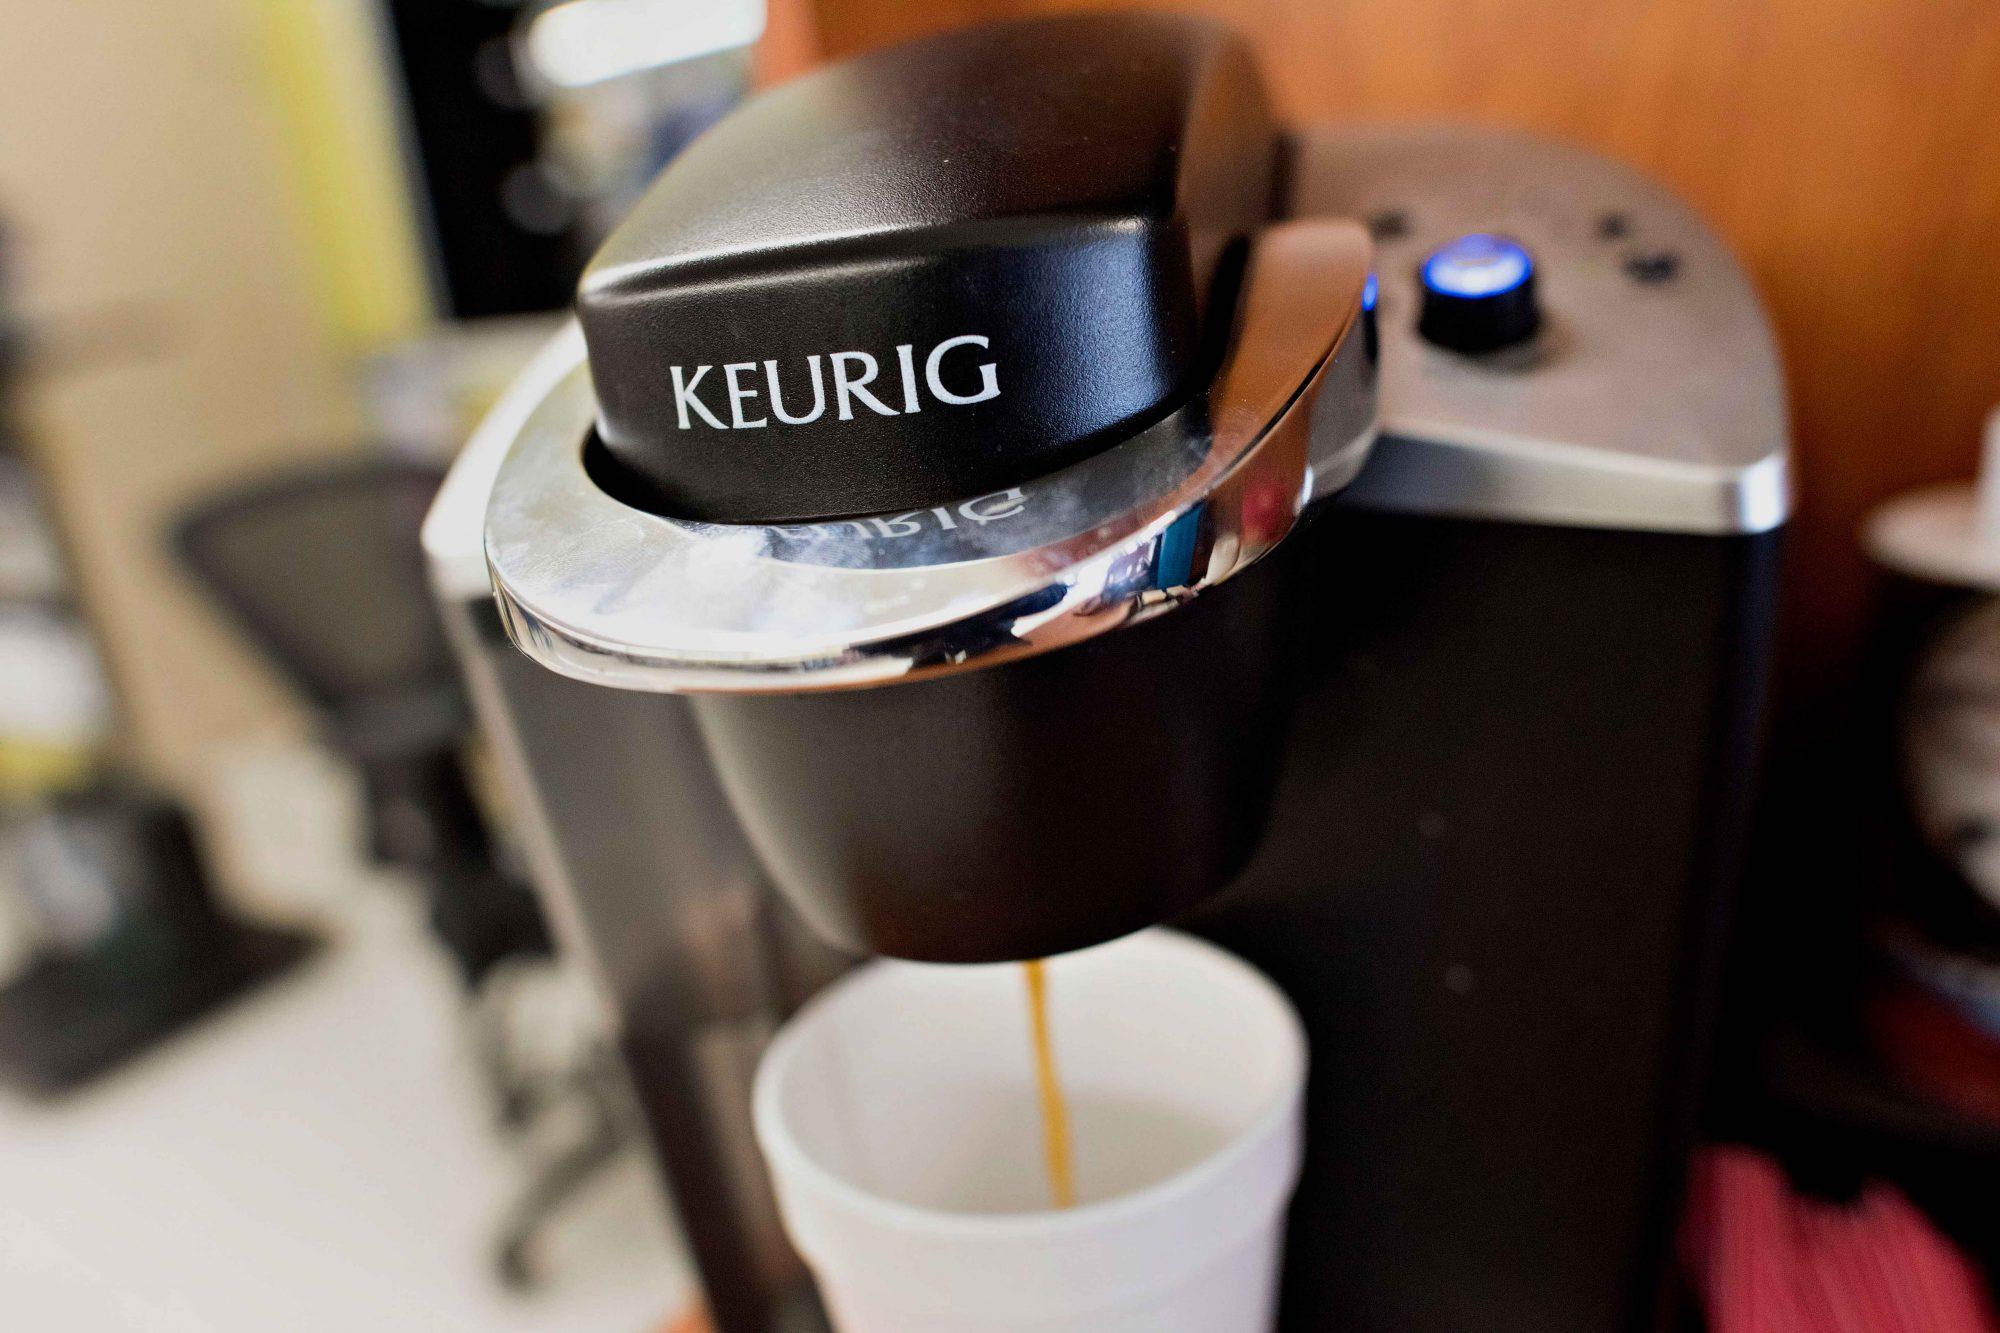 EC: How to Make Keurig Coffee Taste Good